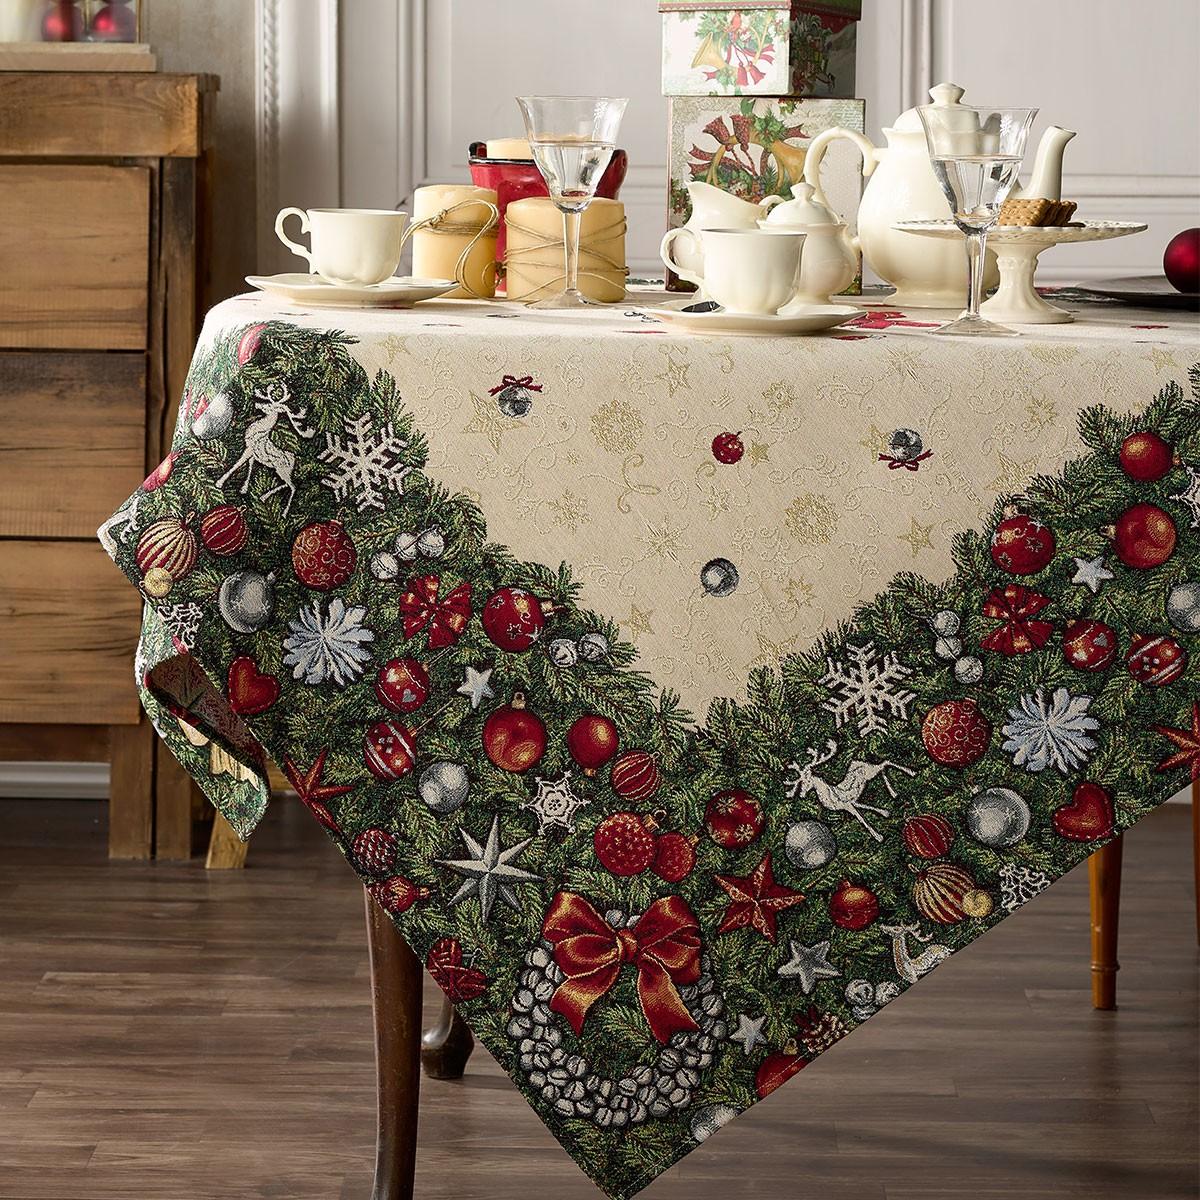 Χριστουγεννιάτικο Τραπεζομάντηλο (135×180) Gofis Home 209